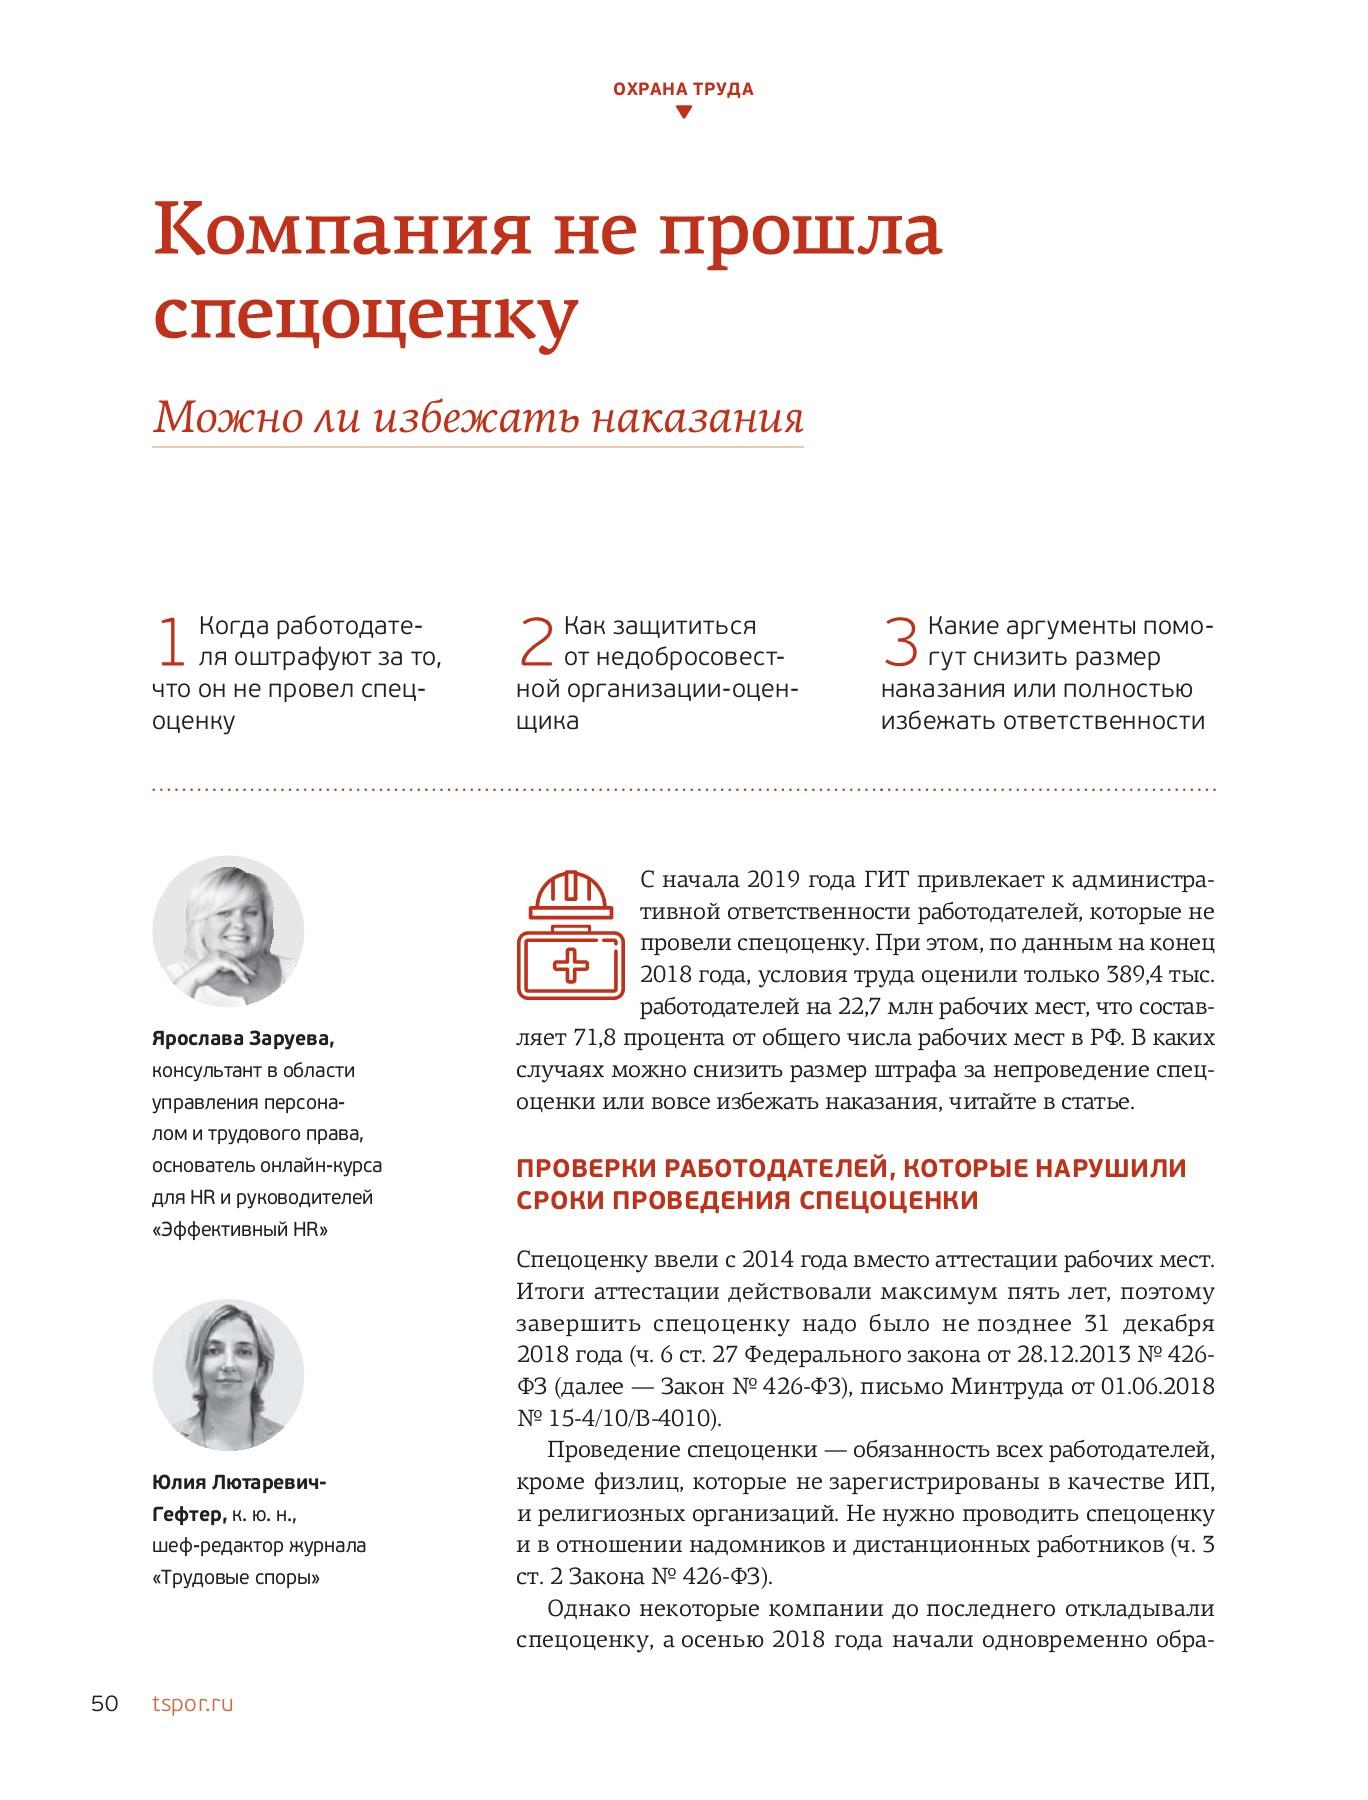 krupnye-predpriyatiya-mogut-obyazat-zavershit-speczoczenku-v-2016-godu-2